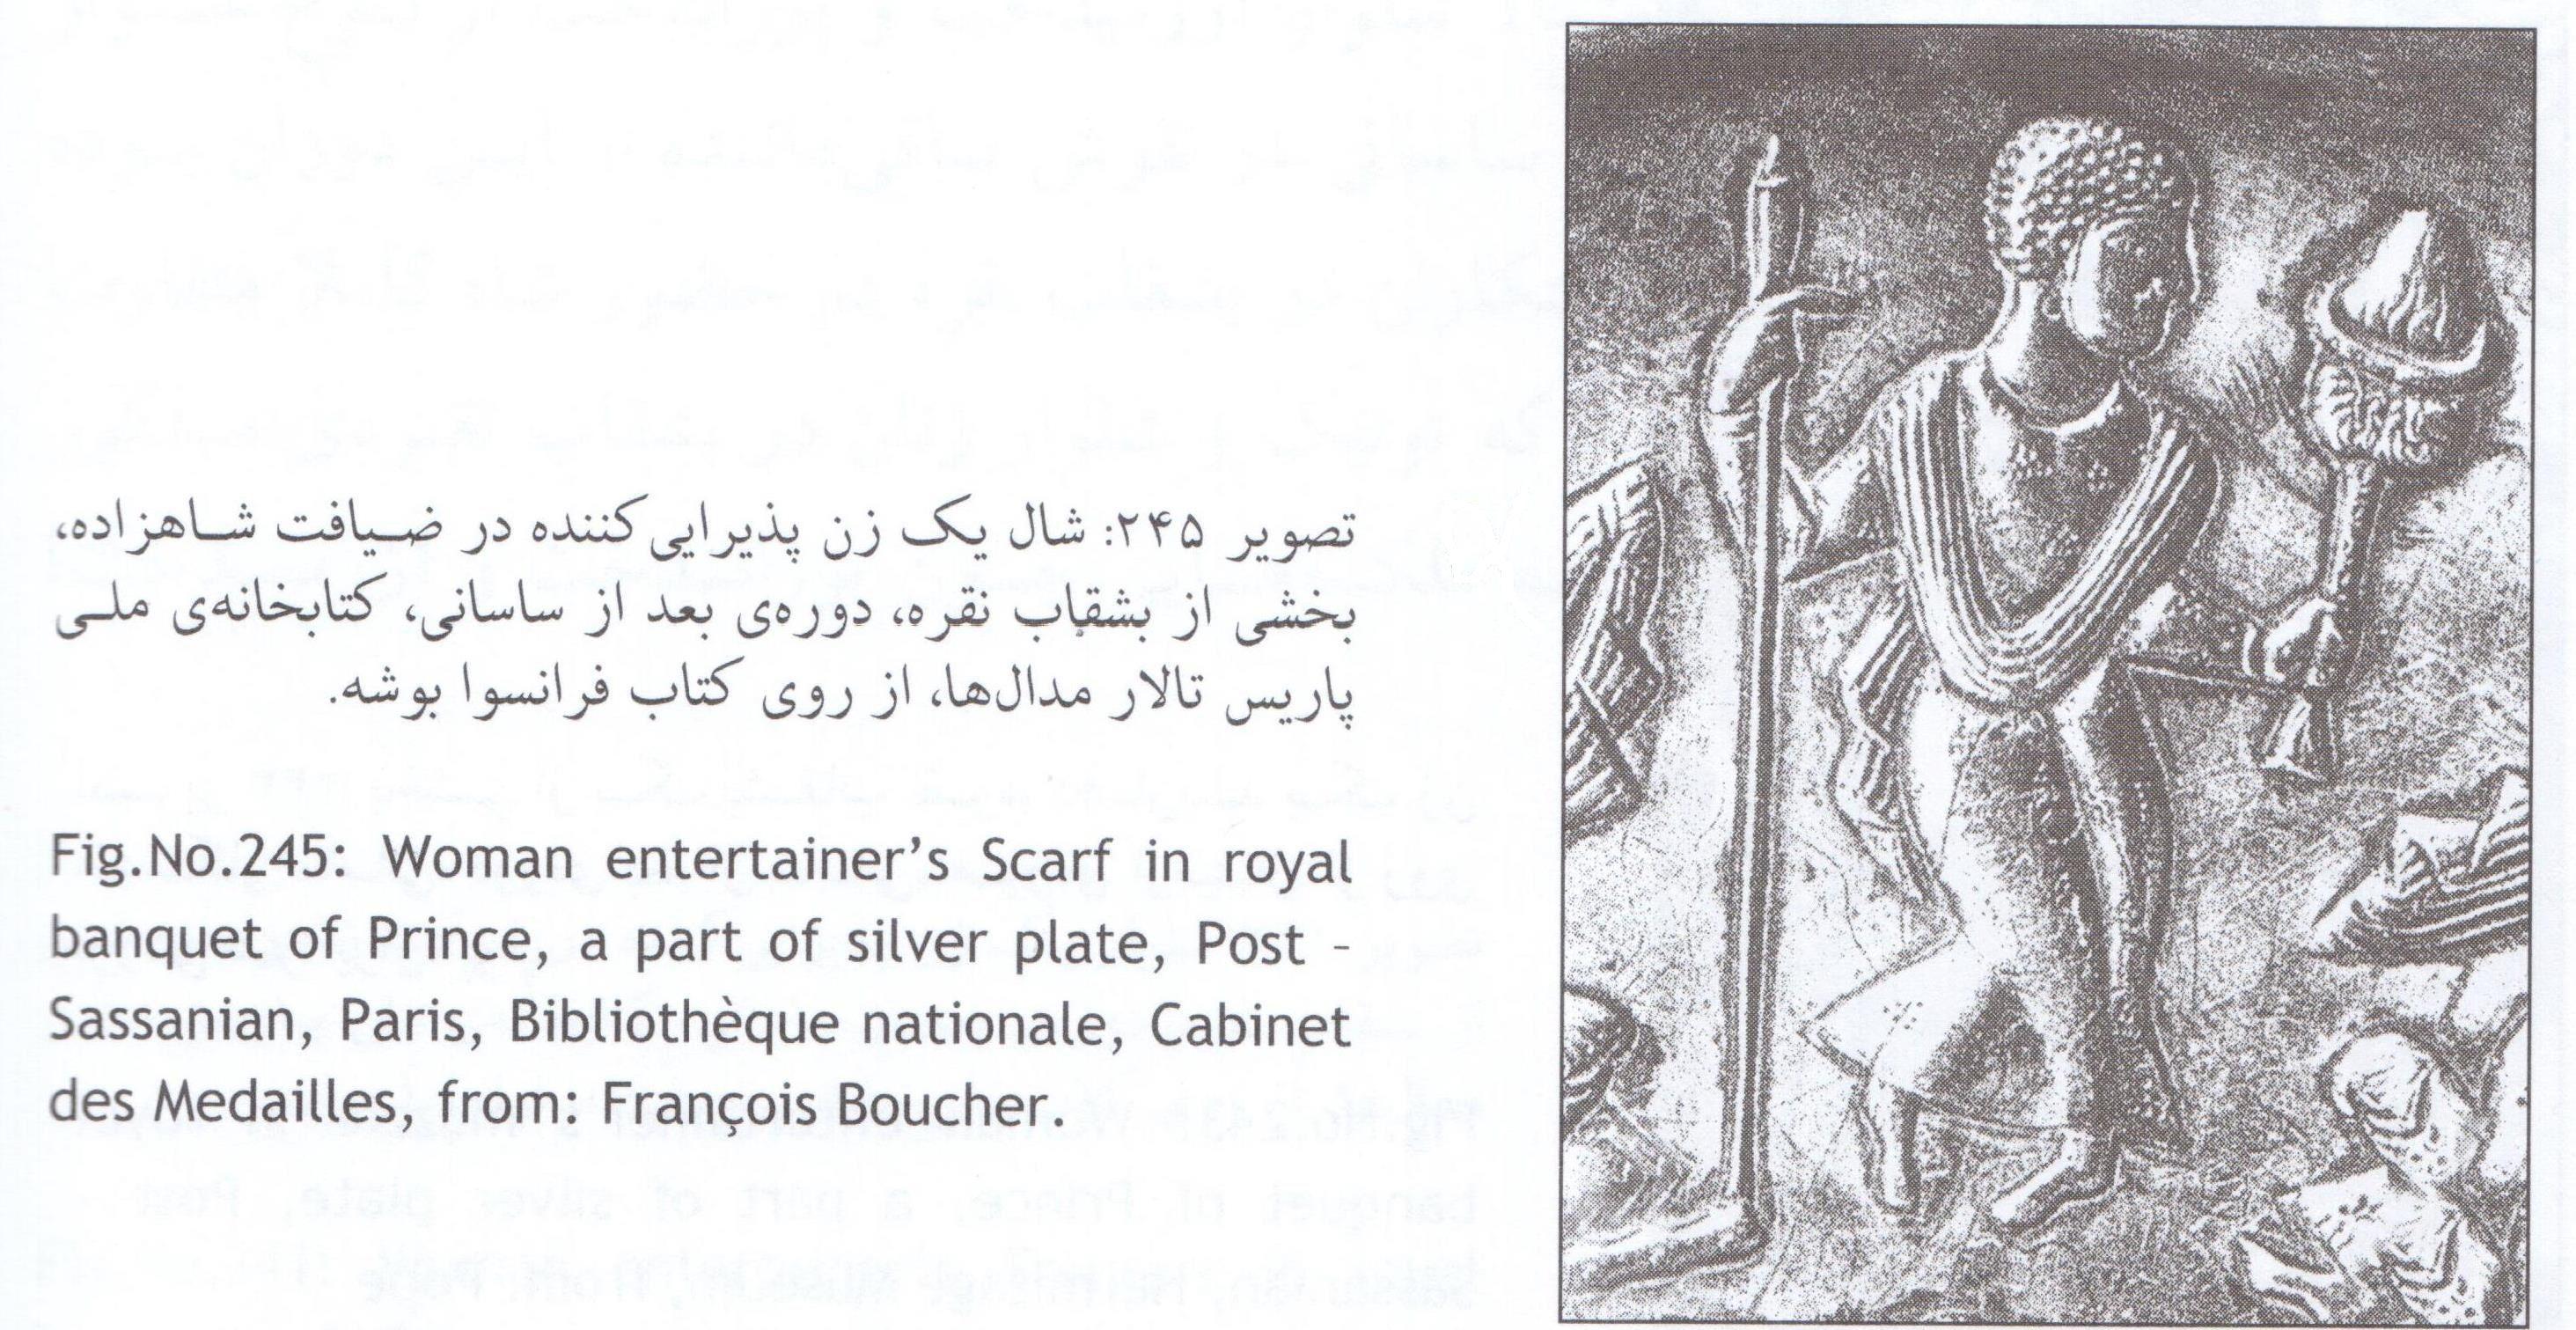 تاریخچه-حجاب-در-ایران-باستان-ساسانیان1-hi-hijab.com